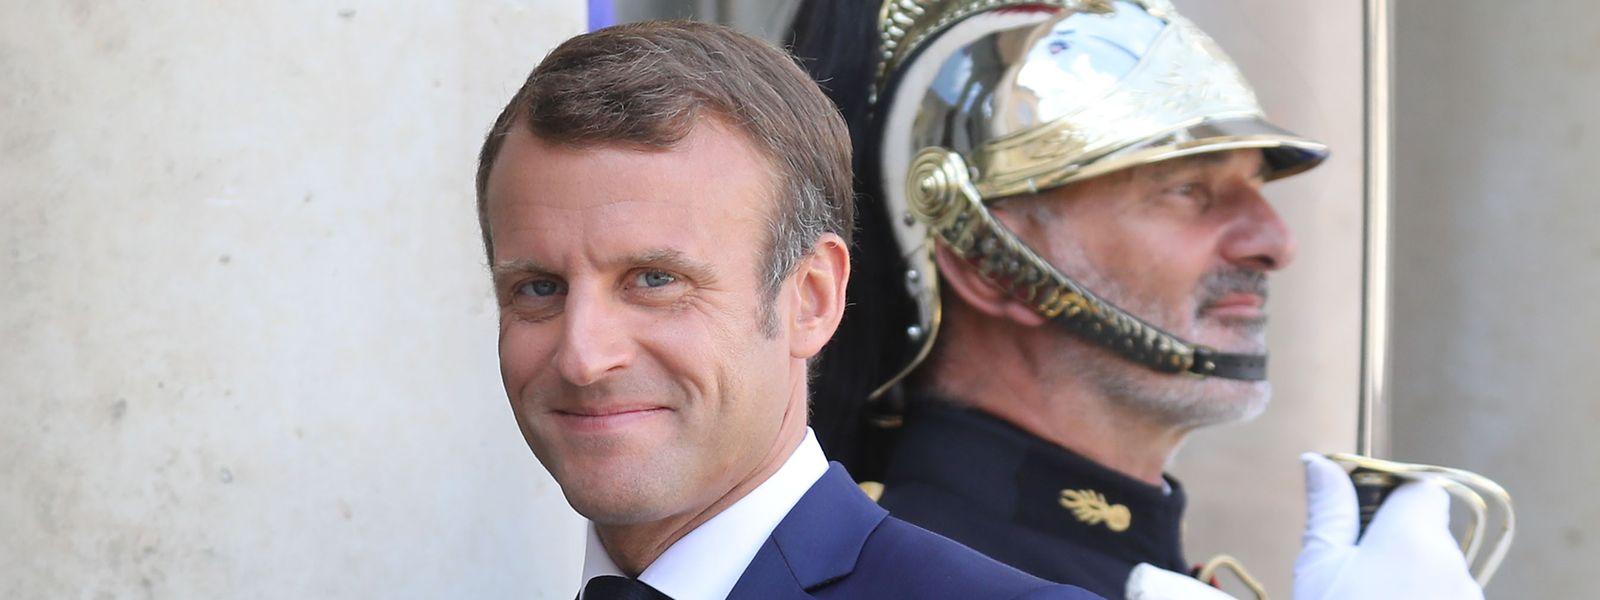 «Emmanuel Macron effectue sa rentrée politique, auréolé du panache généré par ses récentes actions et intercessions sur le plan international»